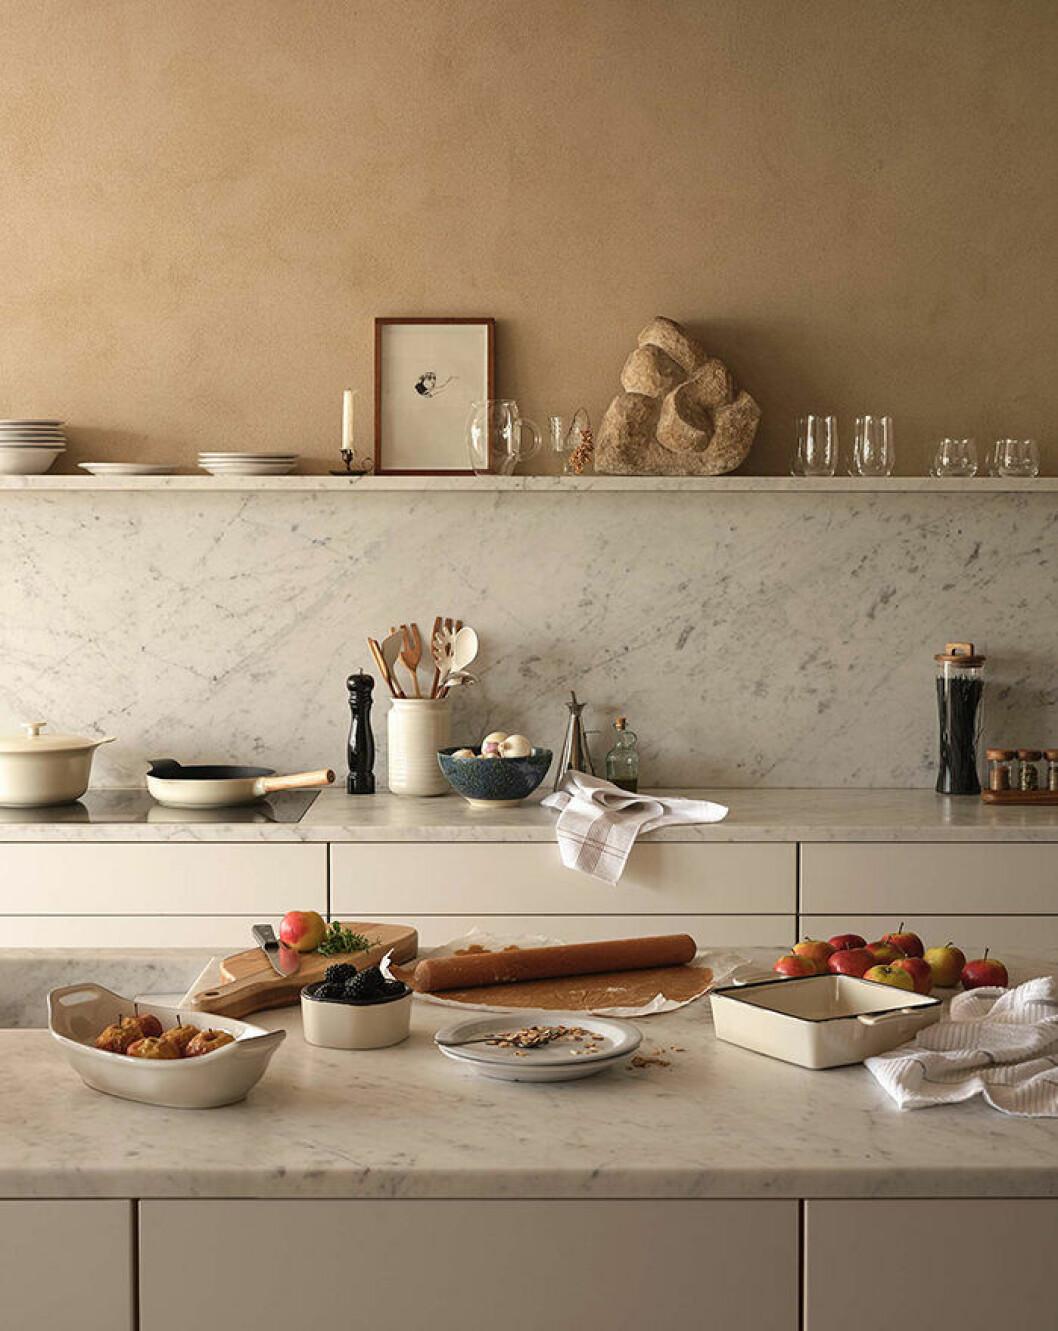 Nyheter till det ljusa köket från Zara Home